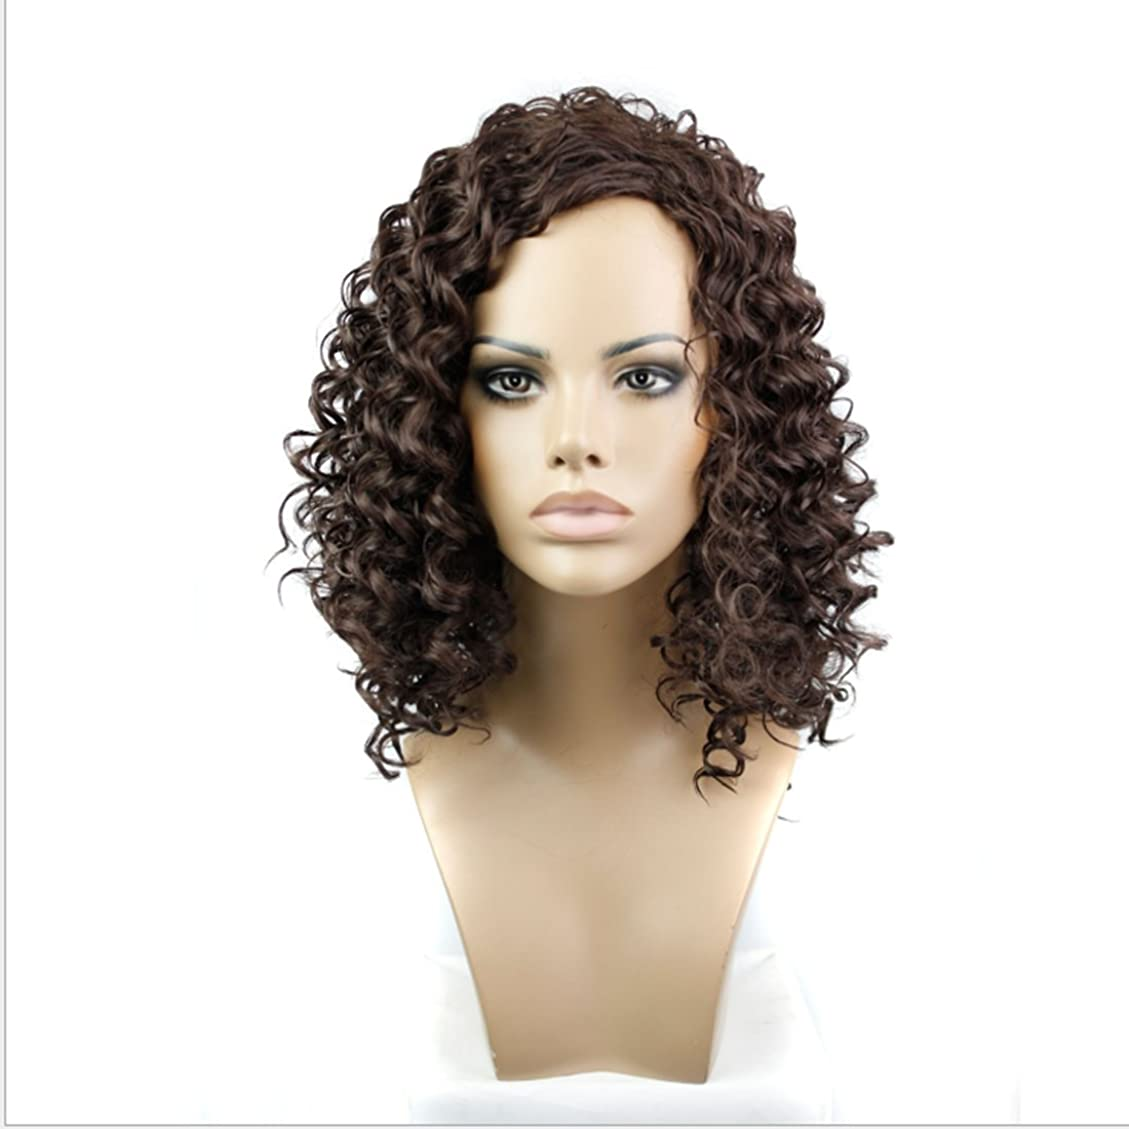 モンスター慣性ロンドンKoloeplf 女性のための合成カーリーヘアウィッグショートスモールヘアブラウンブラック耐熱高温15inch / 180g (Color : Brownish black)